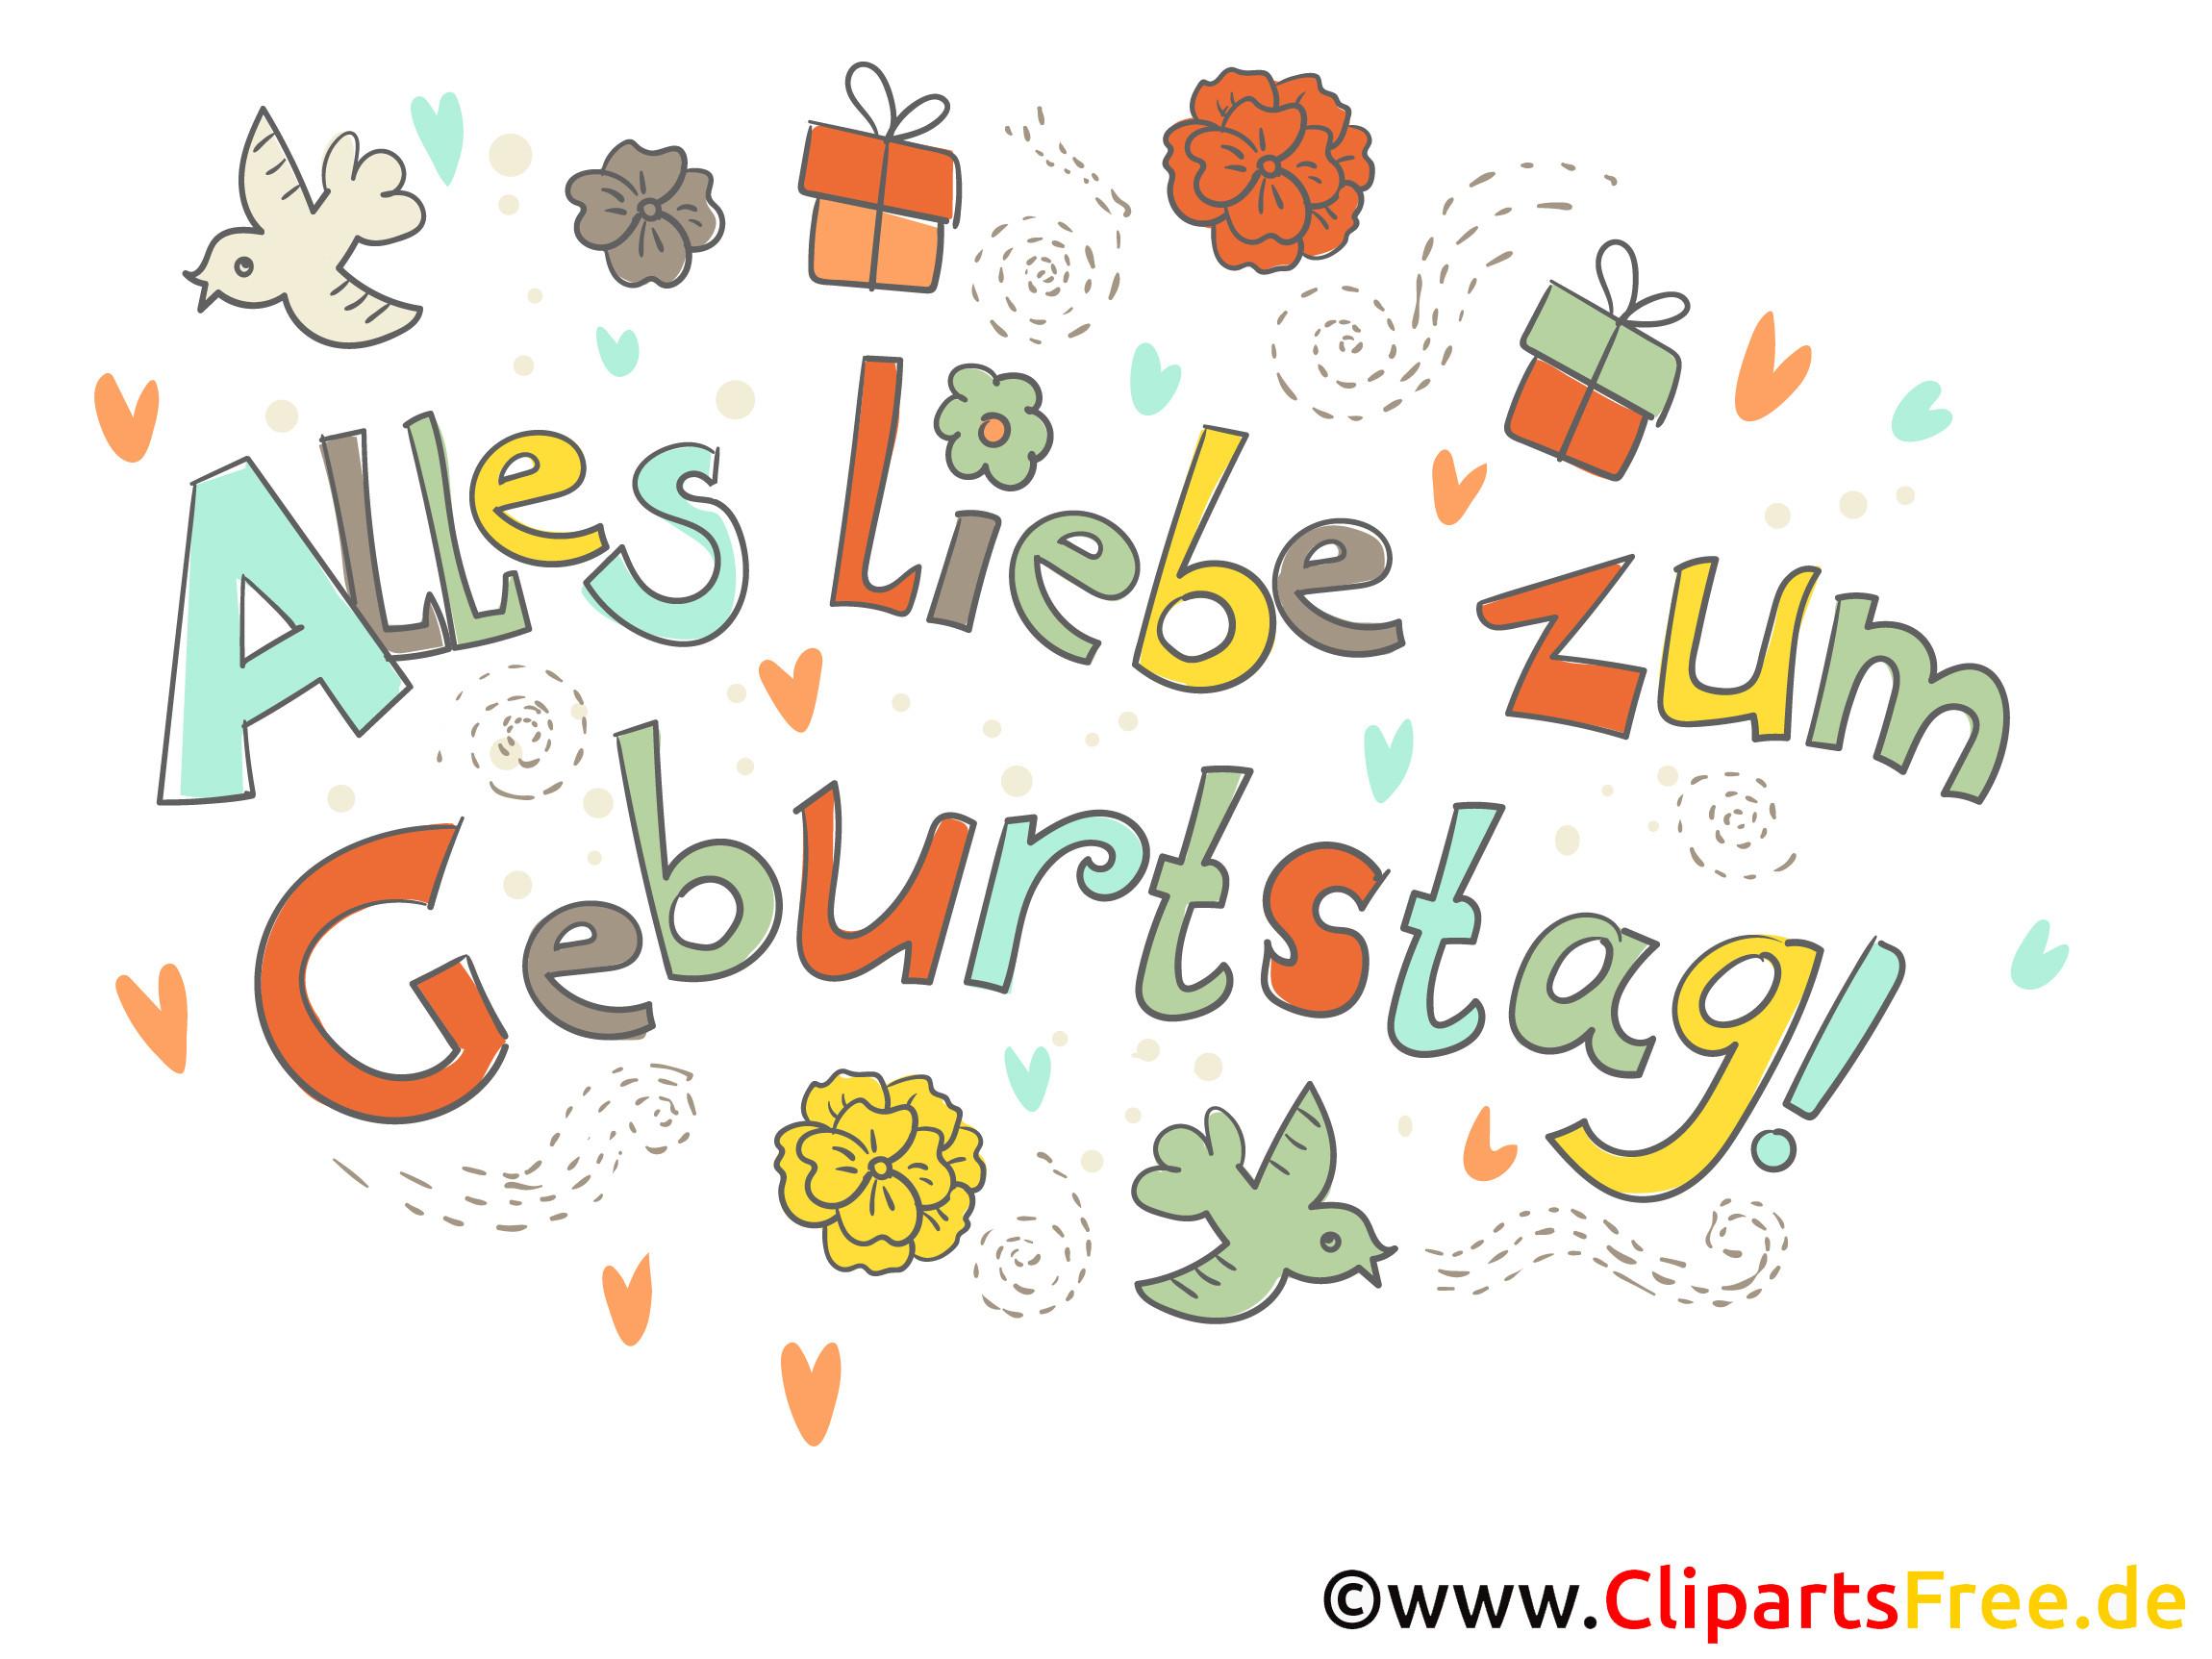 Geburtstagskarten Kostenlos Versenden  Geburtstagskarten Kostenlos Als Ecards Per E Mail